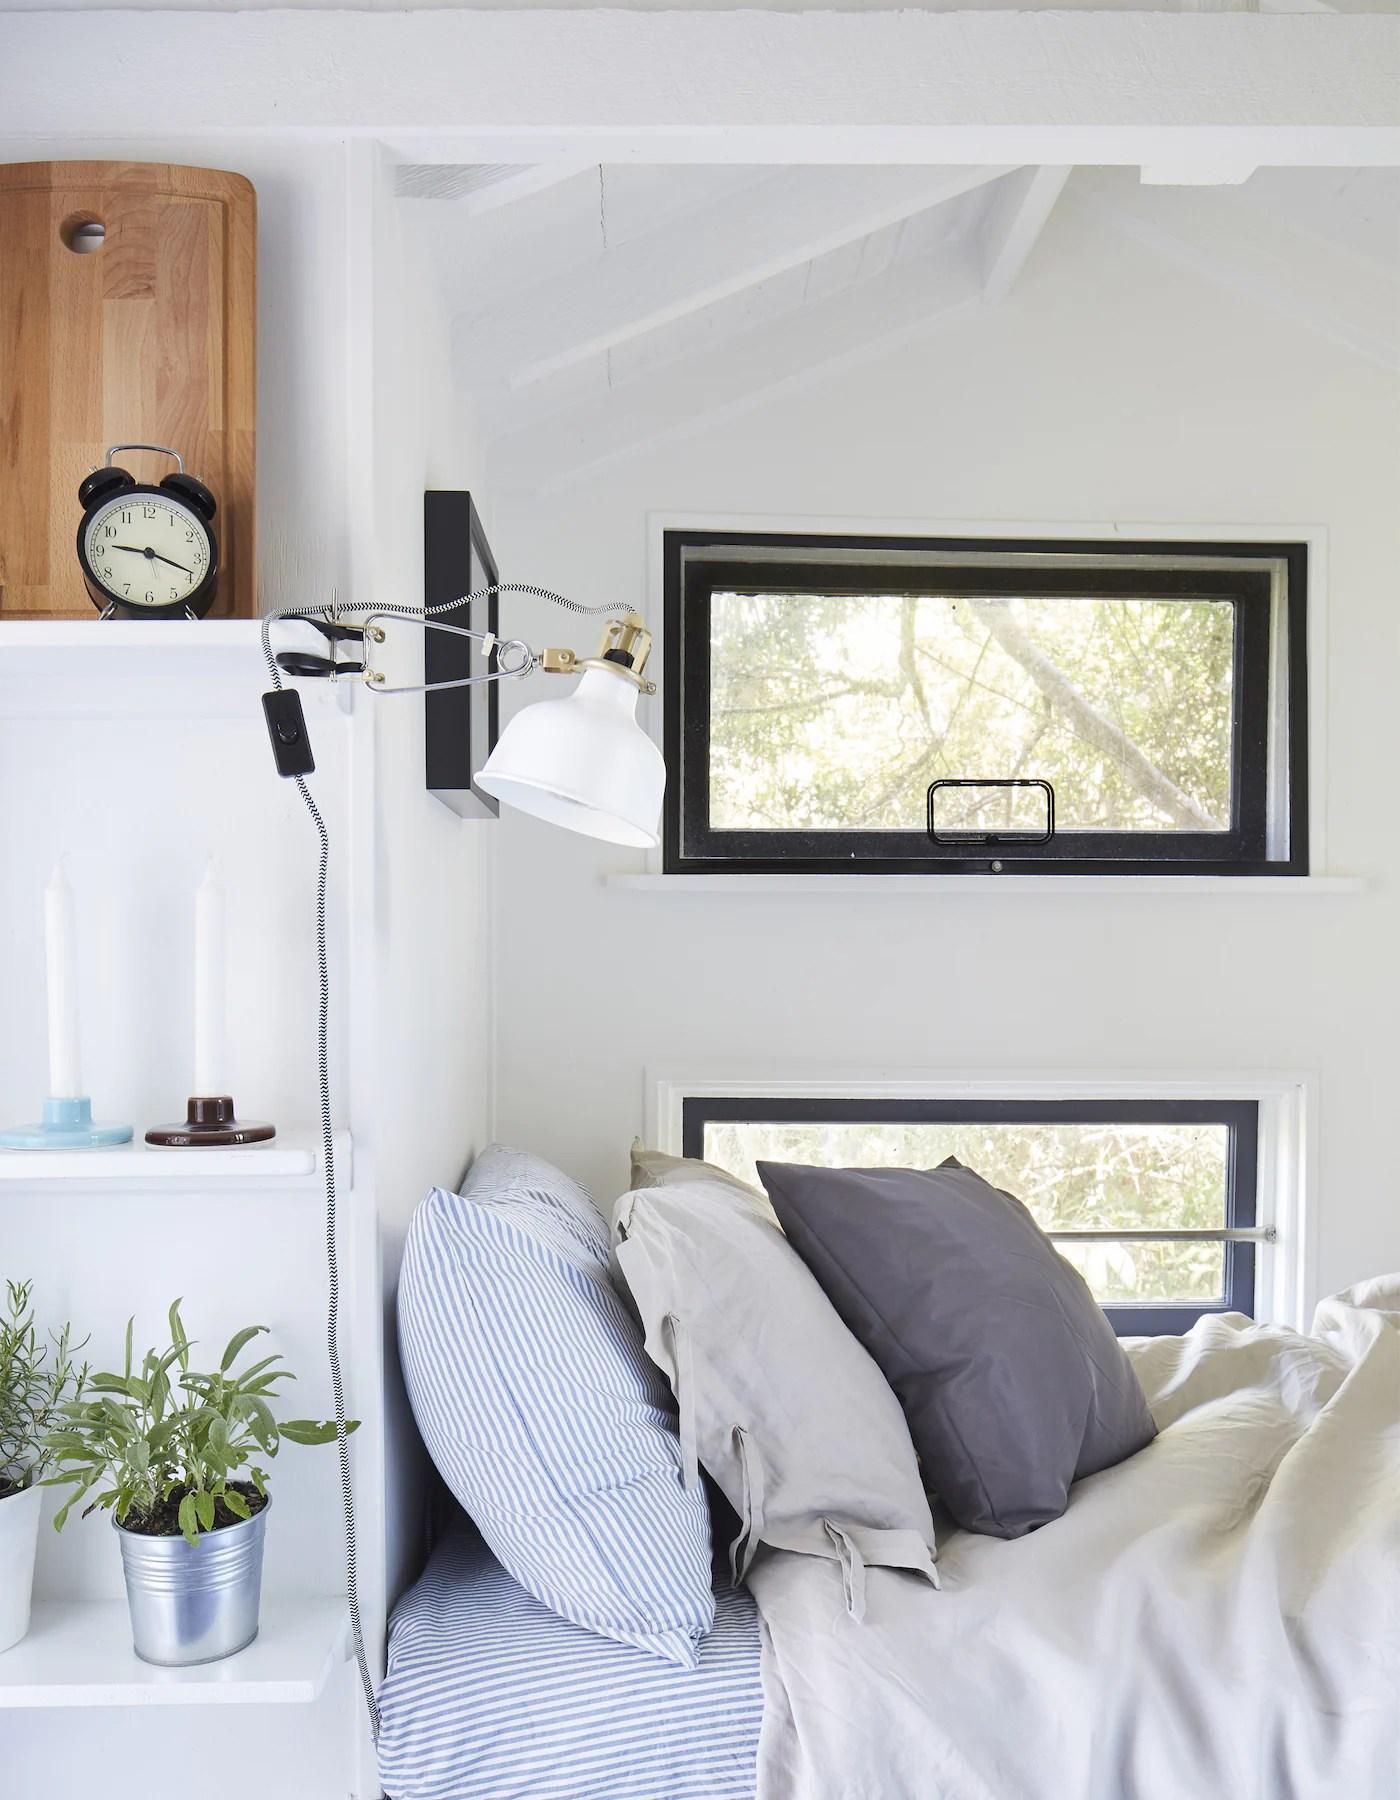 Gut bekannt Gästezimmer Gestalten Ikea | Schanheit Schane Dekoration Teenager YI59